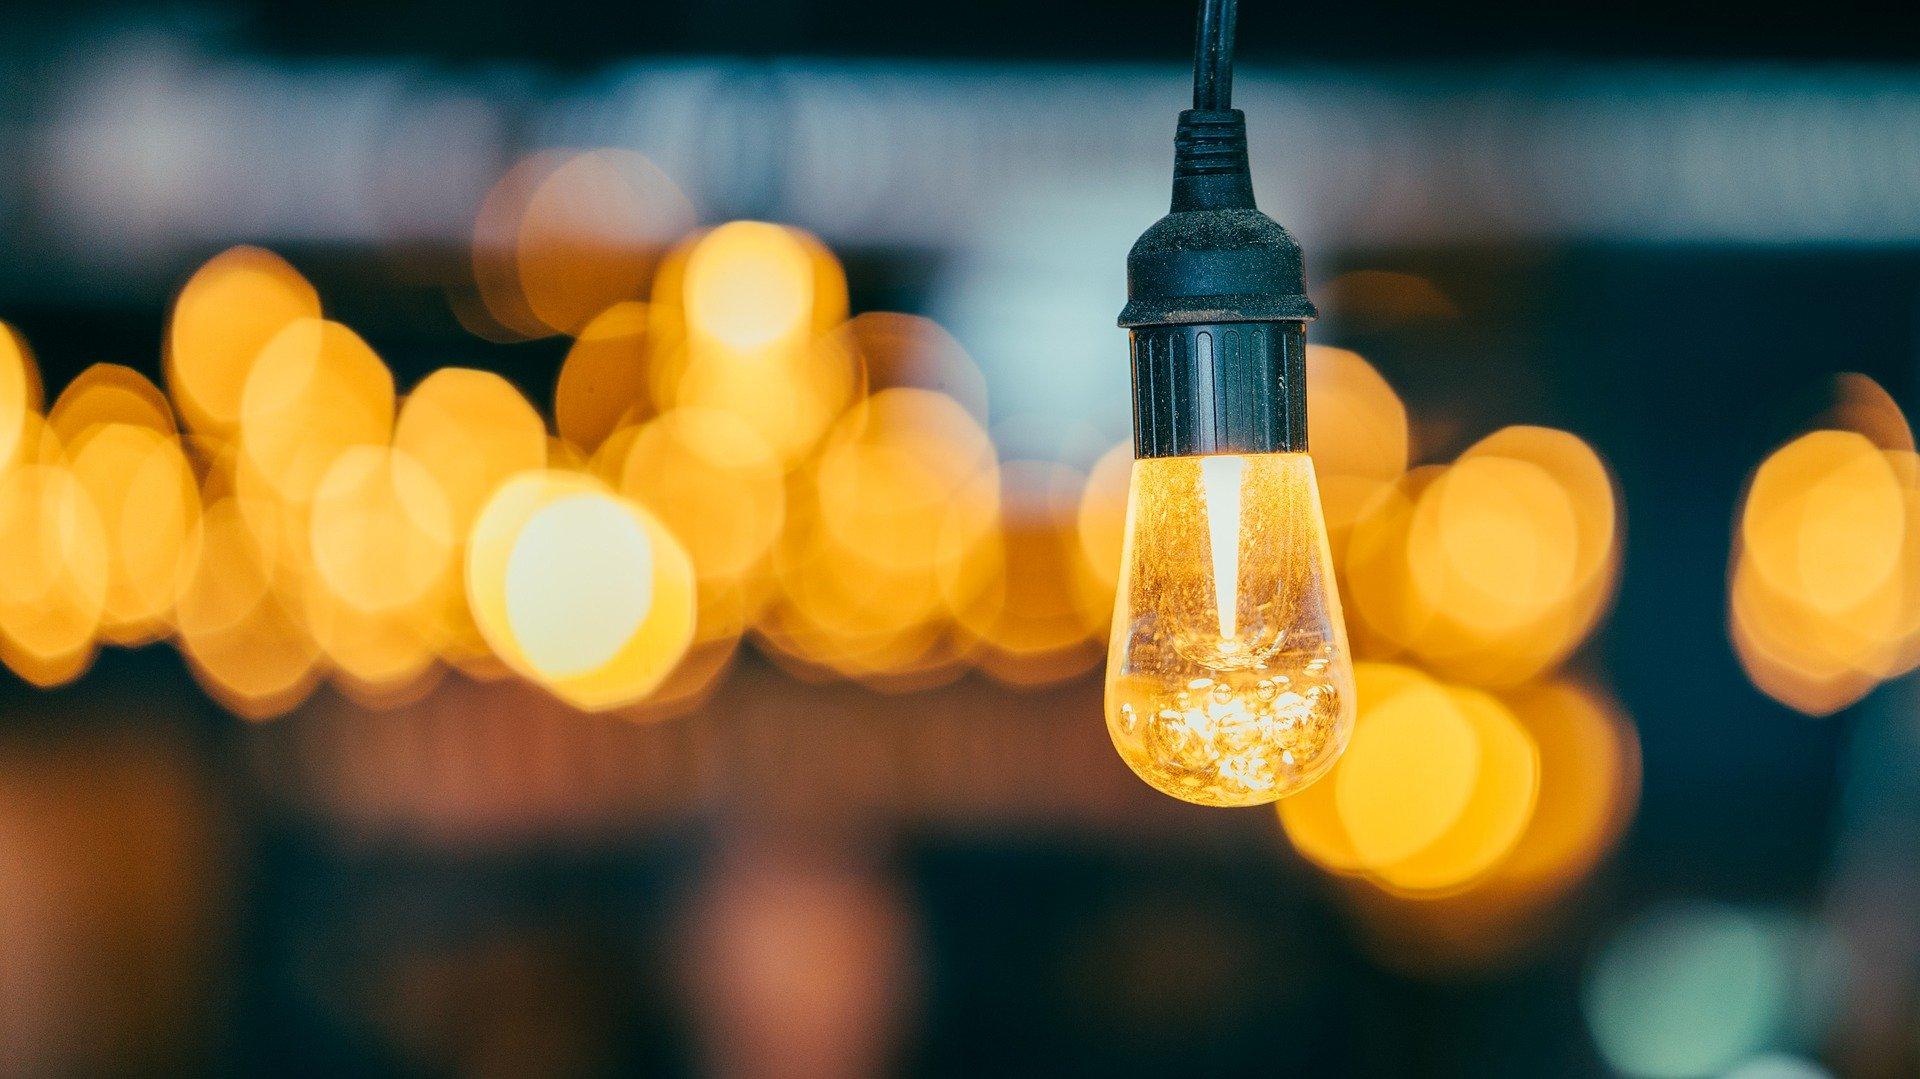 luminaire-cour-du-beffroi-arras-1